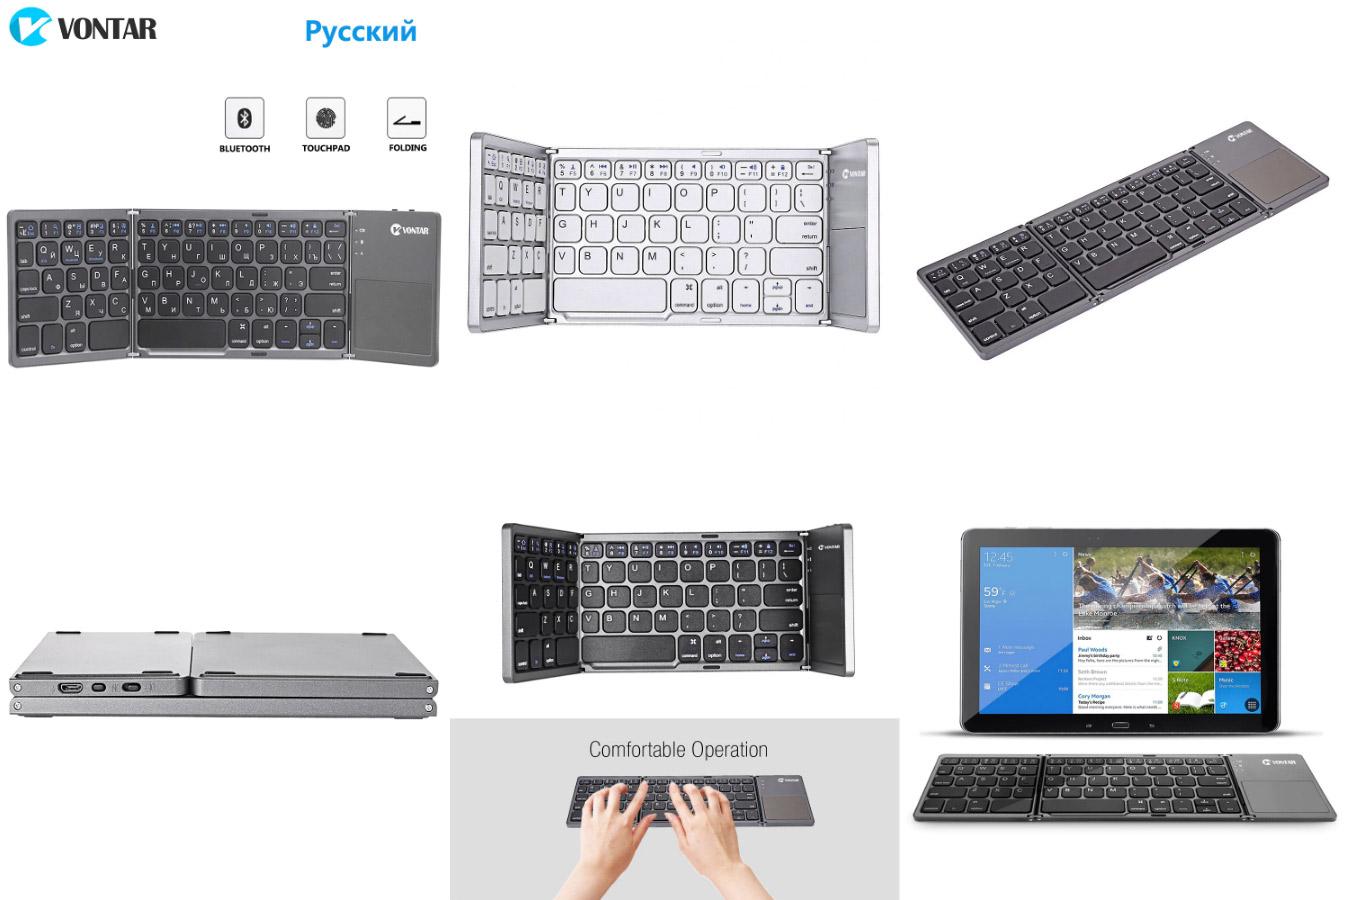 Качественная складная клавиатура VONTAR B033